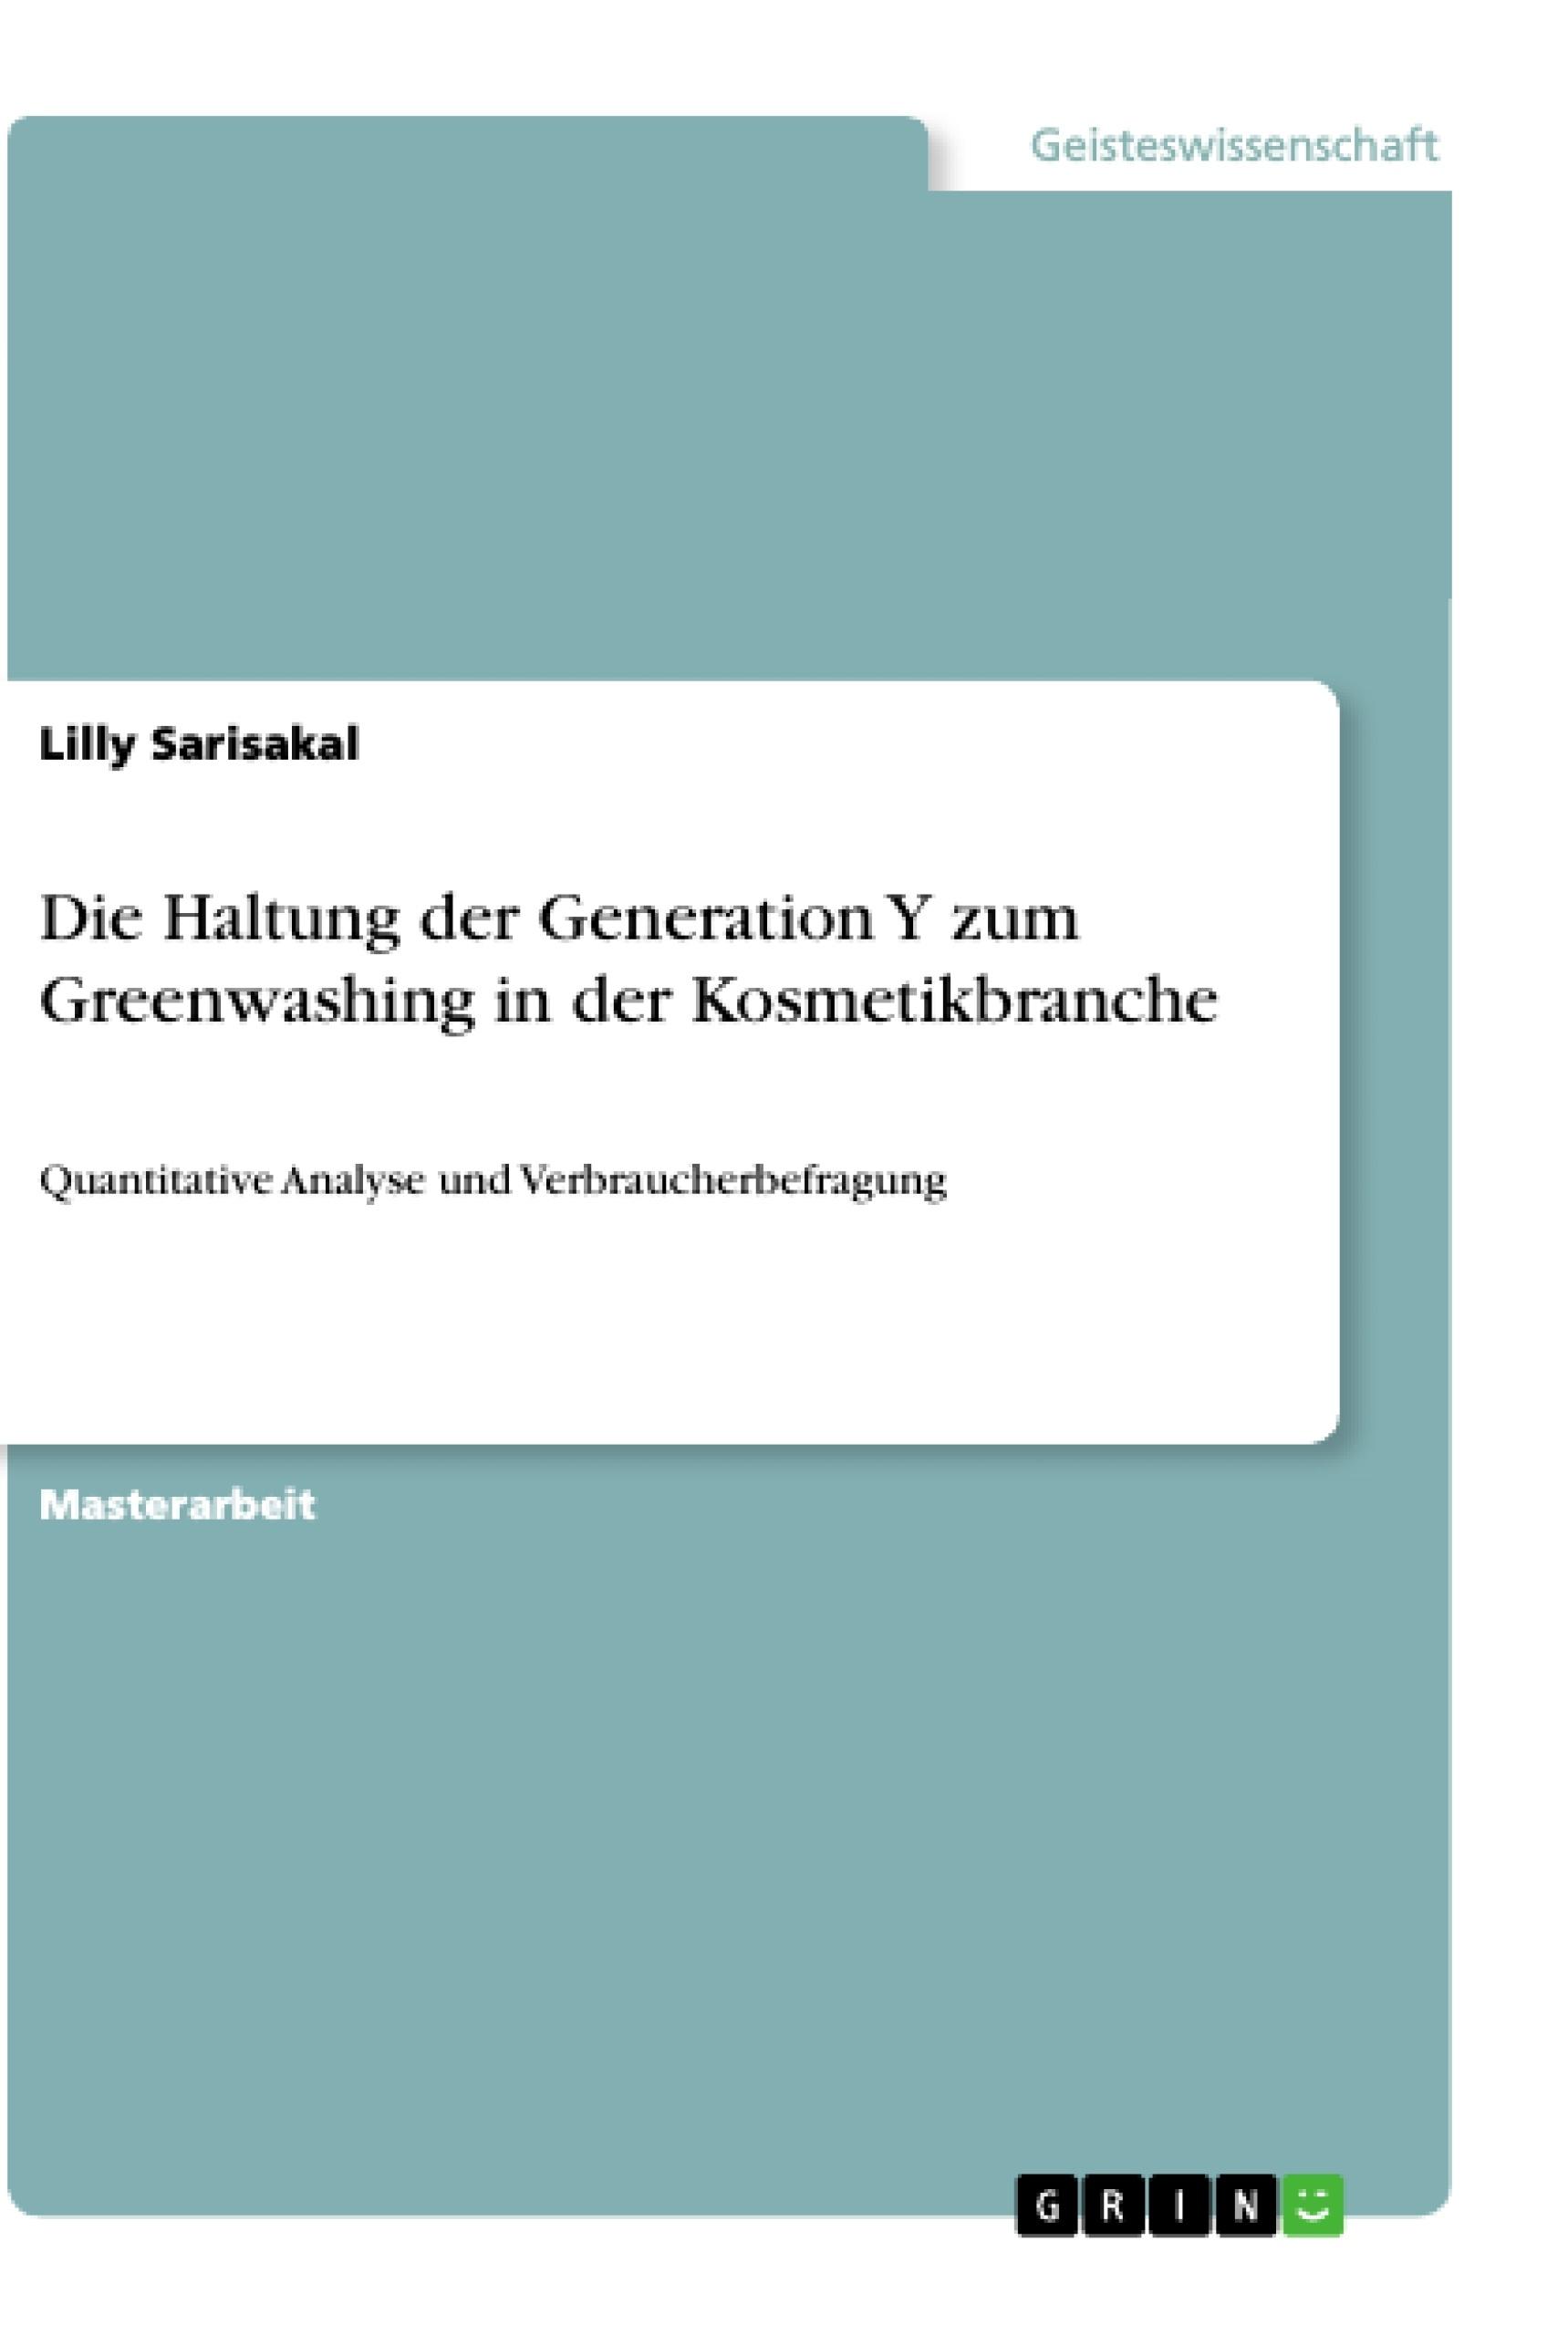 Titel: Die Haltung der Generation Y zum Greenwashing in der Kosmetikbranche